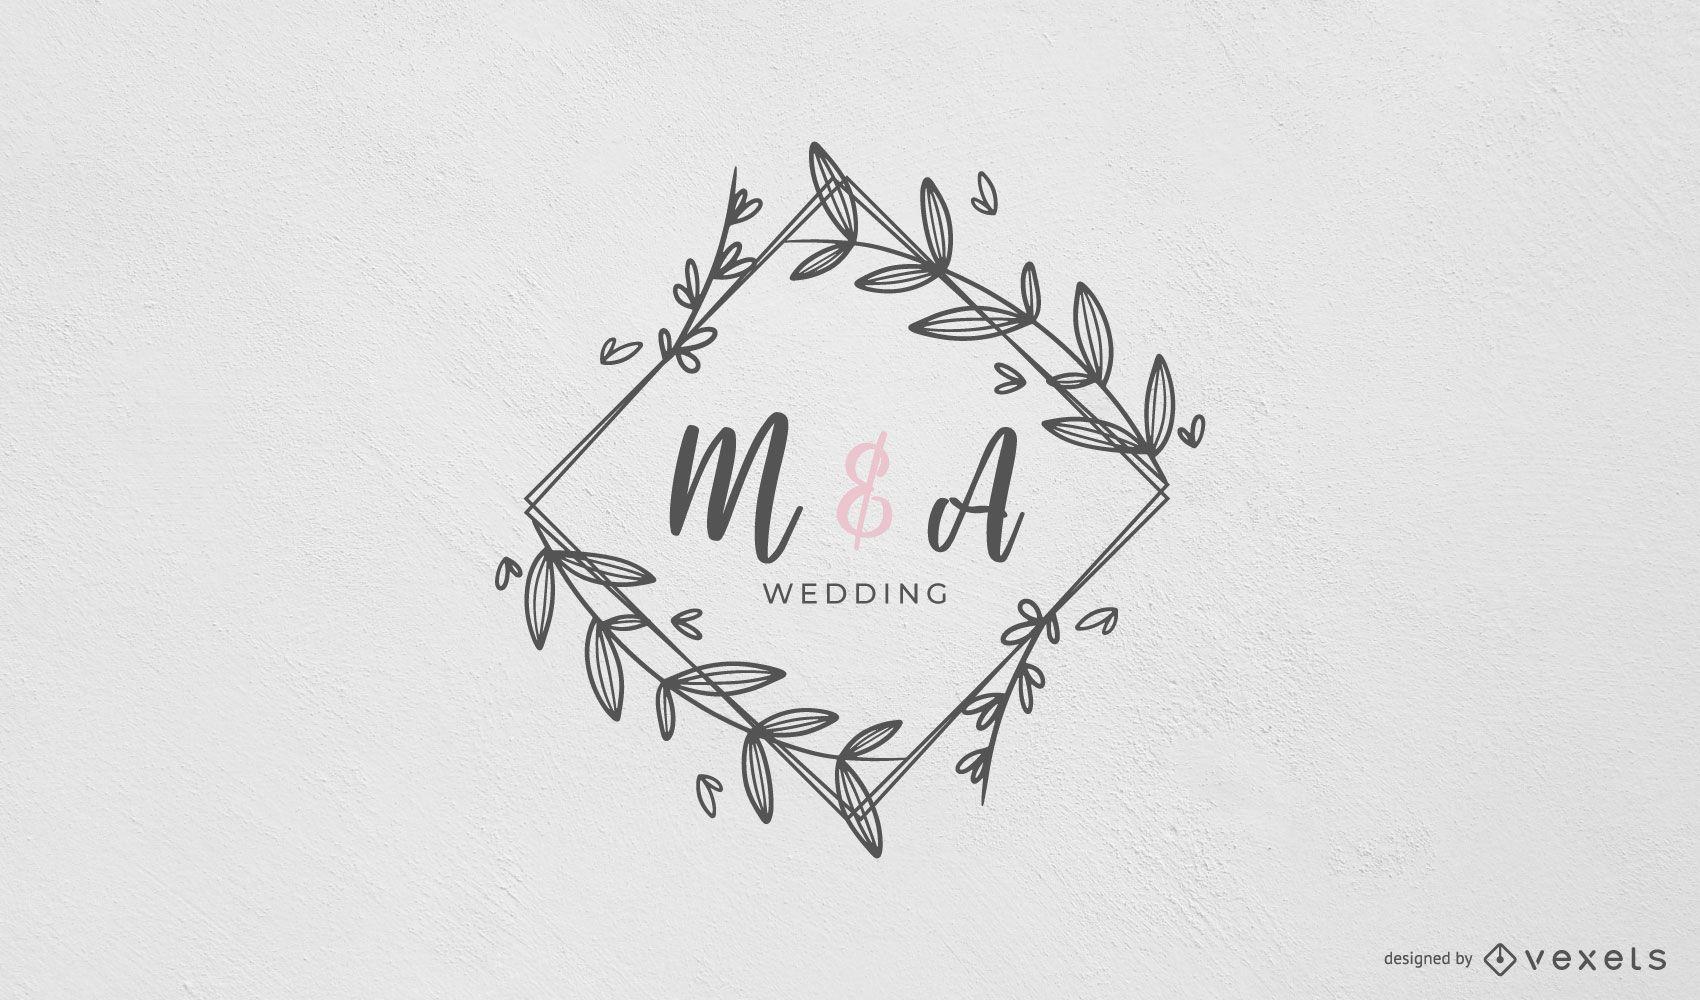 Monograma de casamento com design de moldura